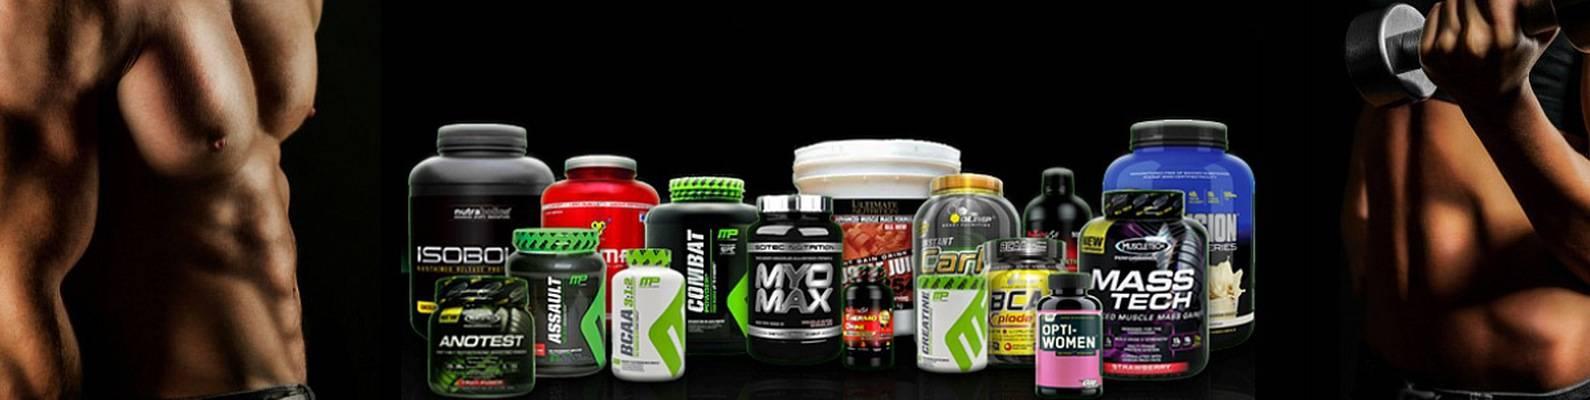 Спортивные энергетики: лучшие бренды, 5 энергетиков, проверенных на собственном опыте